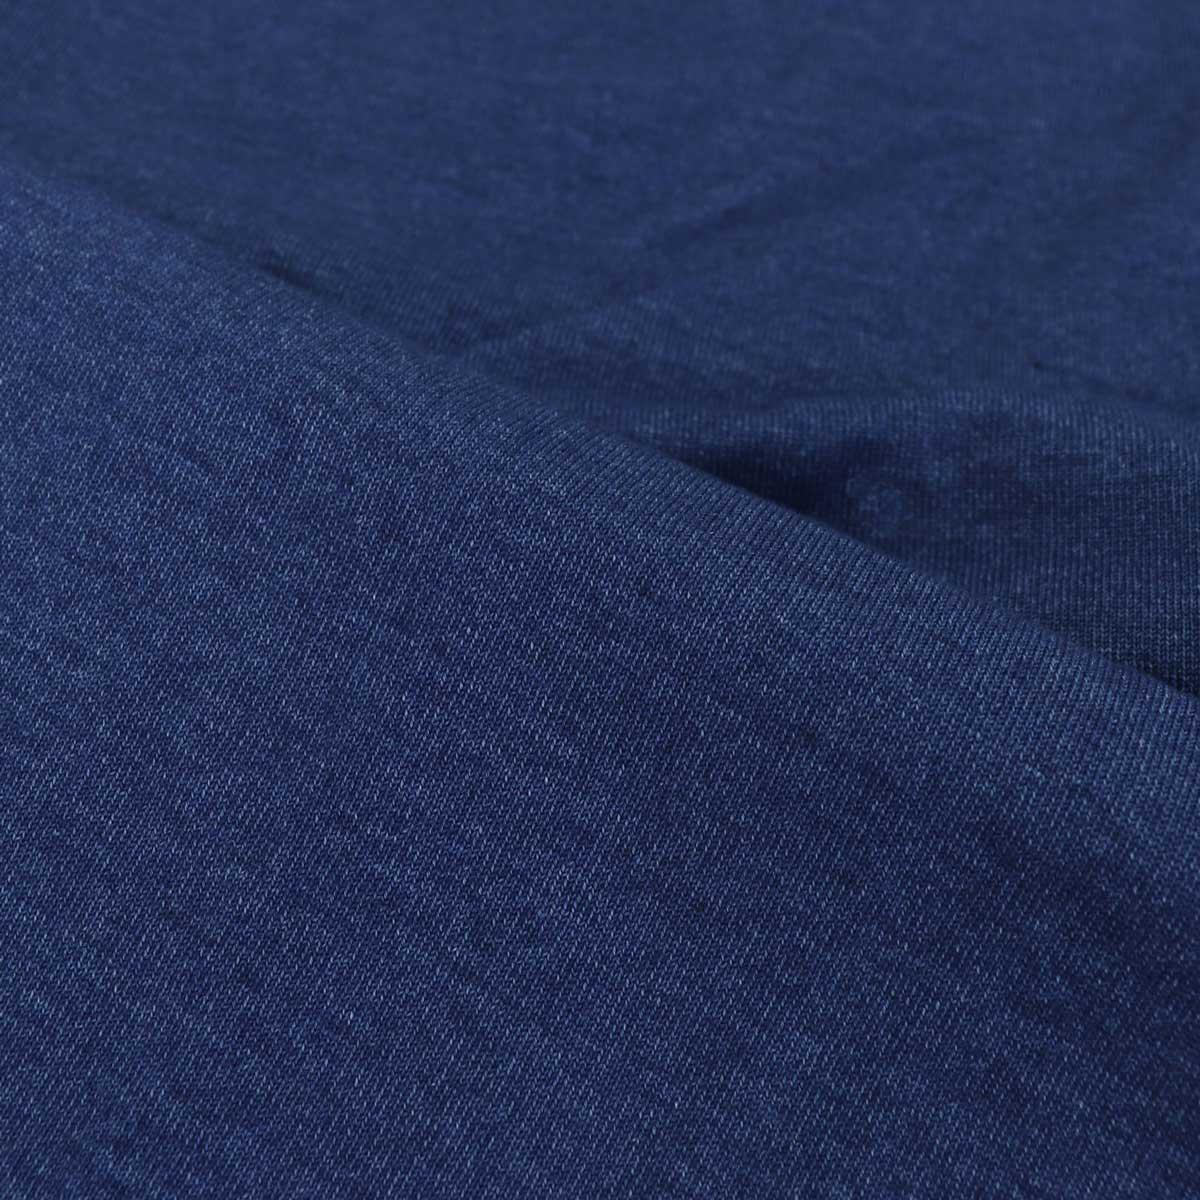 【クリアランスセール】スウィープ!! ロサンゼルス SWEEP!! LosAngeles メンズ コットン 半袖 VネックTシャツ V-NECK SWINVNK-100 INDIGO(インディゴ)【返品交換不可】